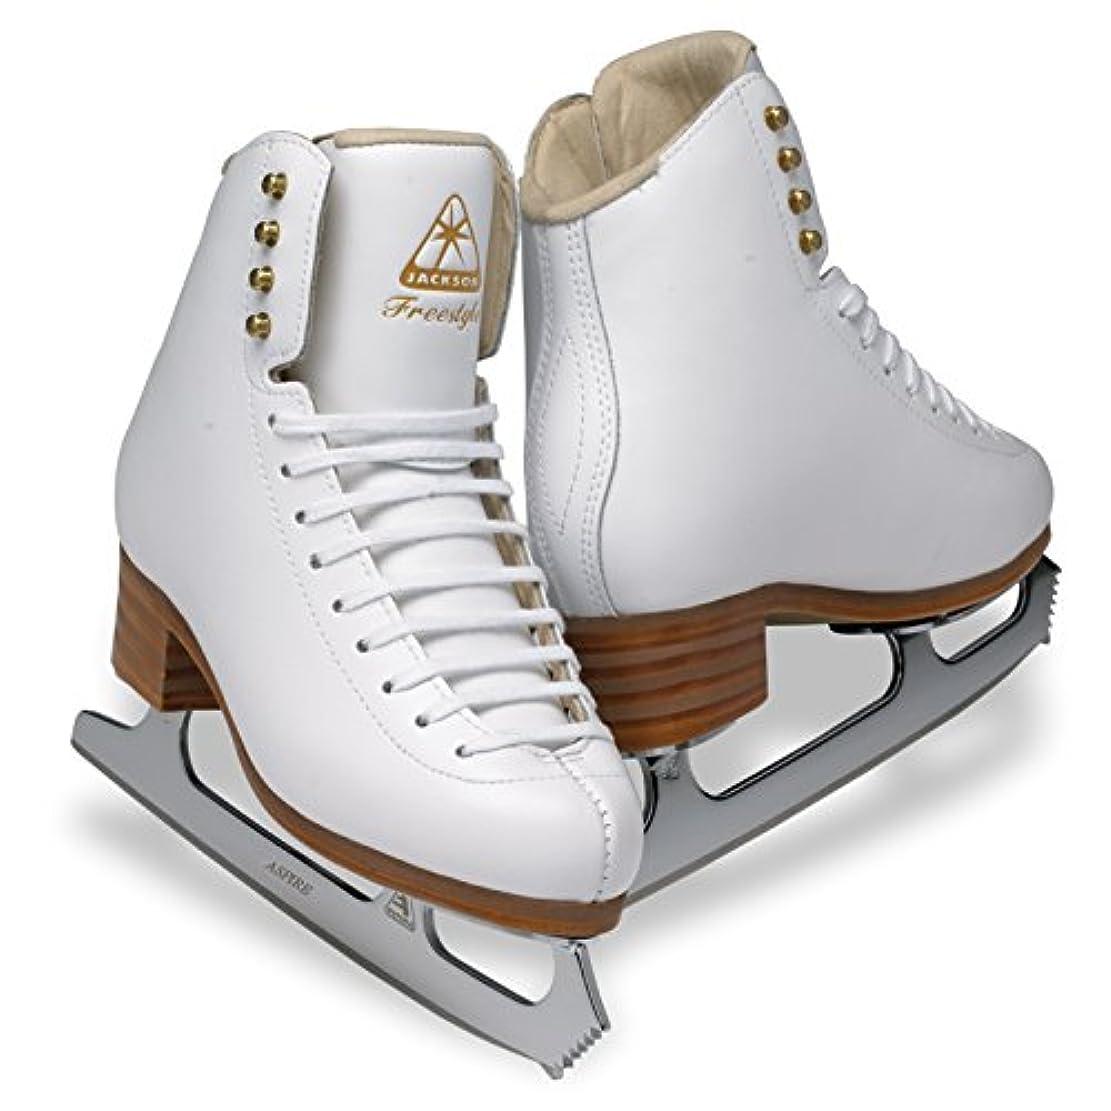 無知素朴なエンティティ(Width: B, Size: Junior 12) - Jackson Ultima DJ2190 DJ2191 Freestyle Series/Aspire Blade/Figure Ice Skates for Women and Girls/Width A, B, C